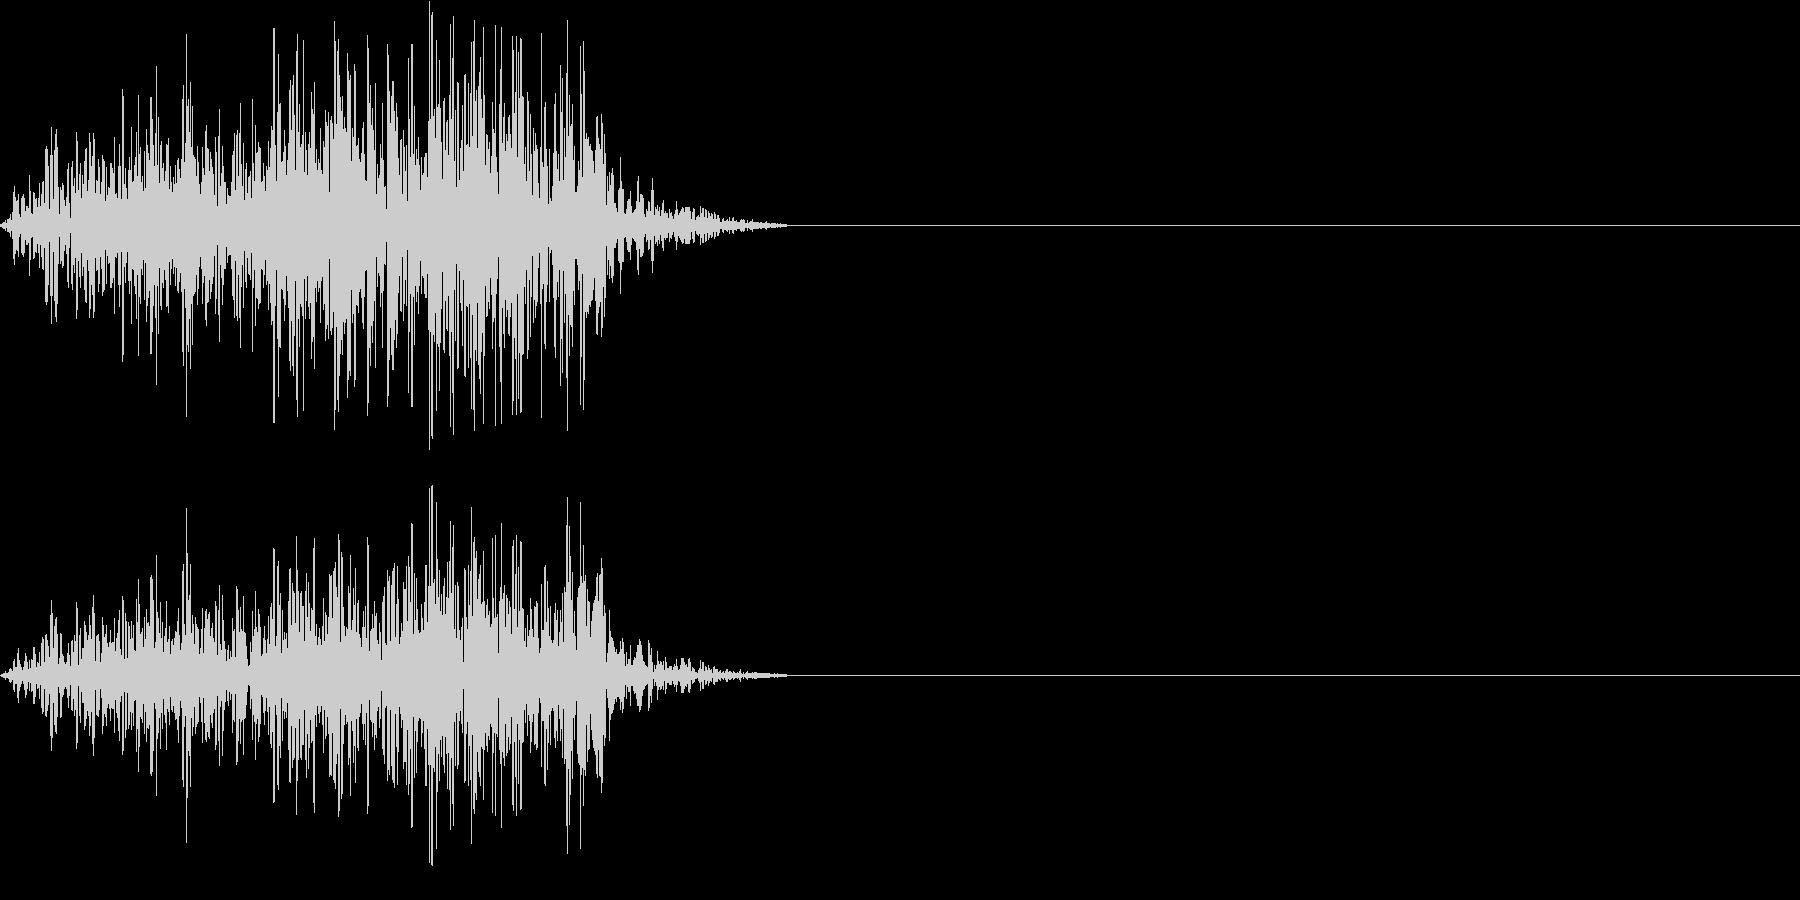 アフリカライオンの鳴き声(威嚇する)の未再生の波形